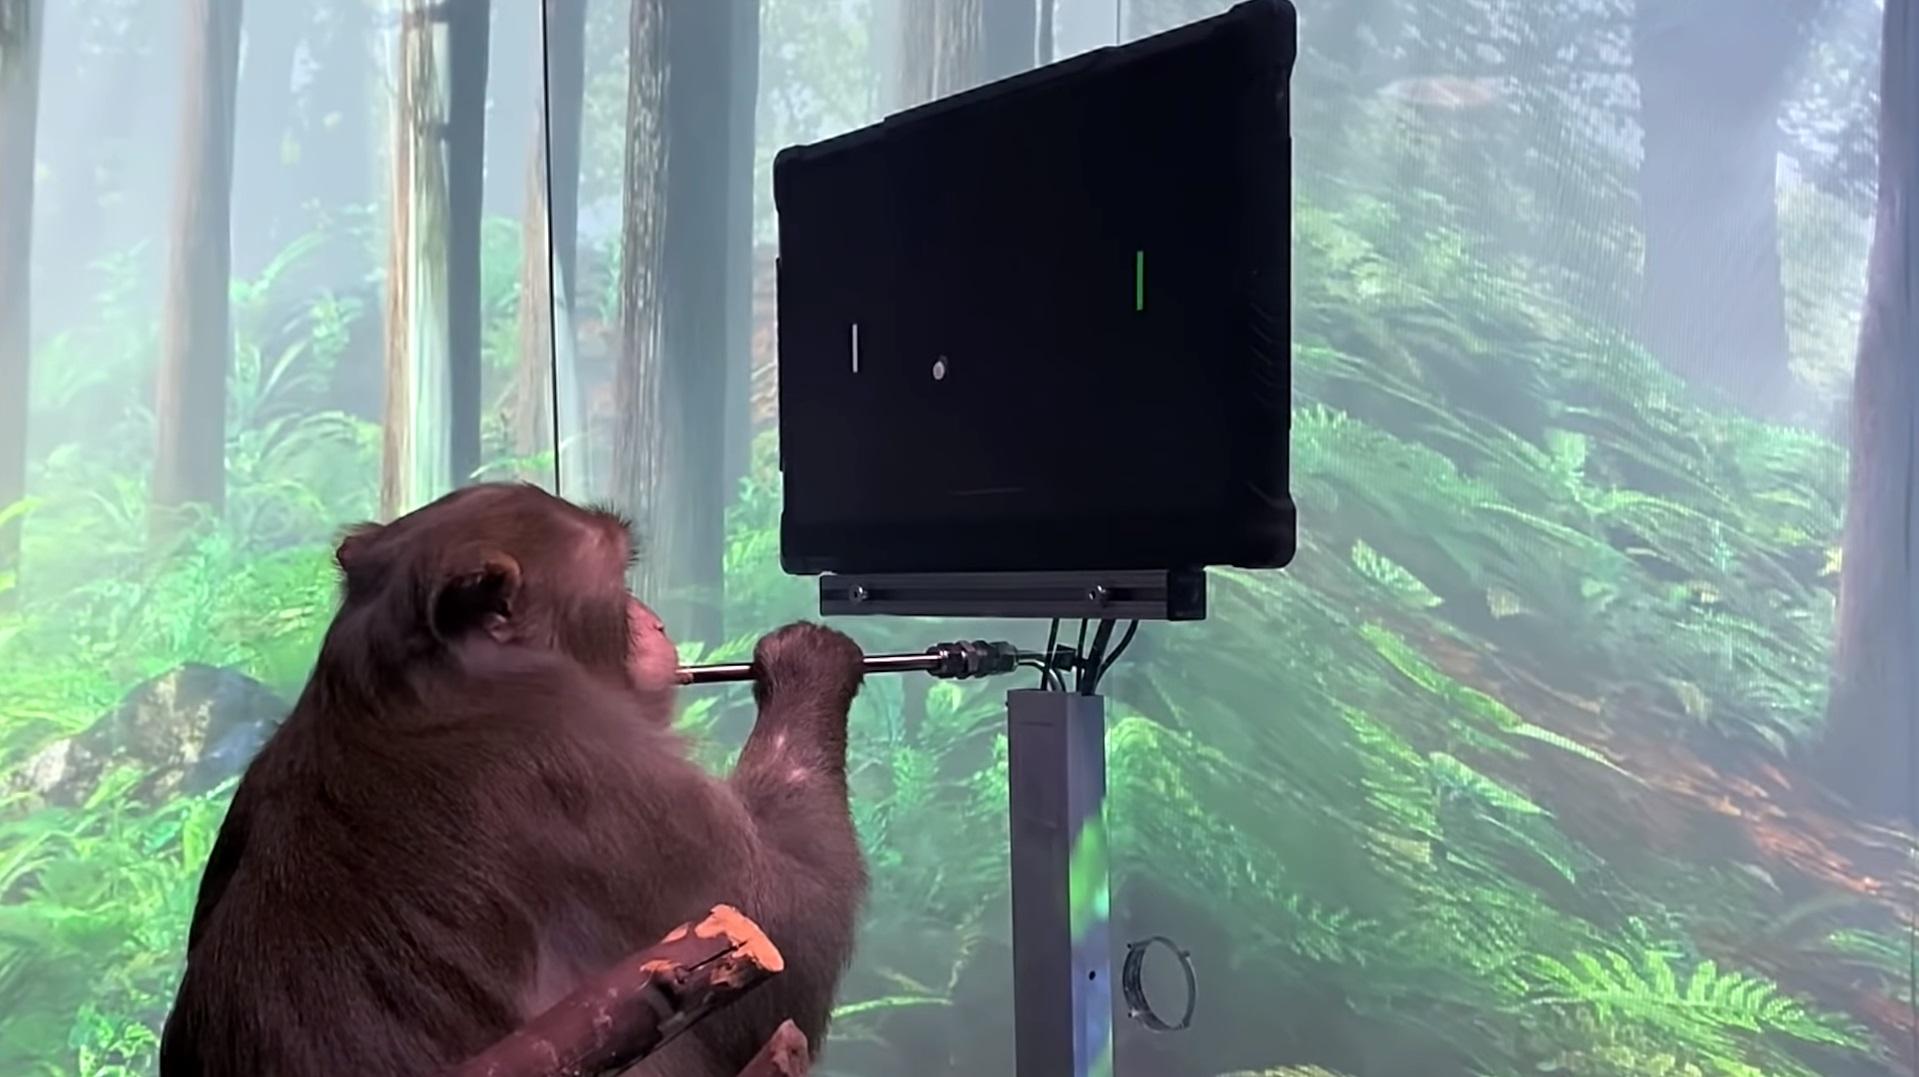 Видео: обезьянка играет в пинг-понг на компьютере при помощи импланта Neuralink